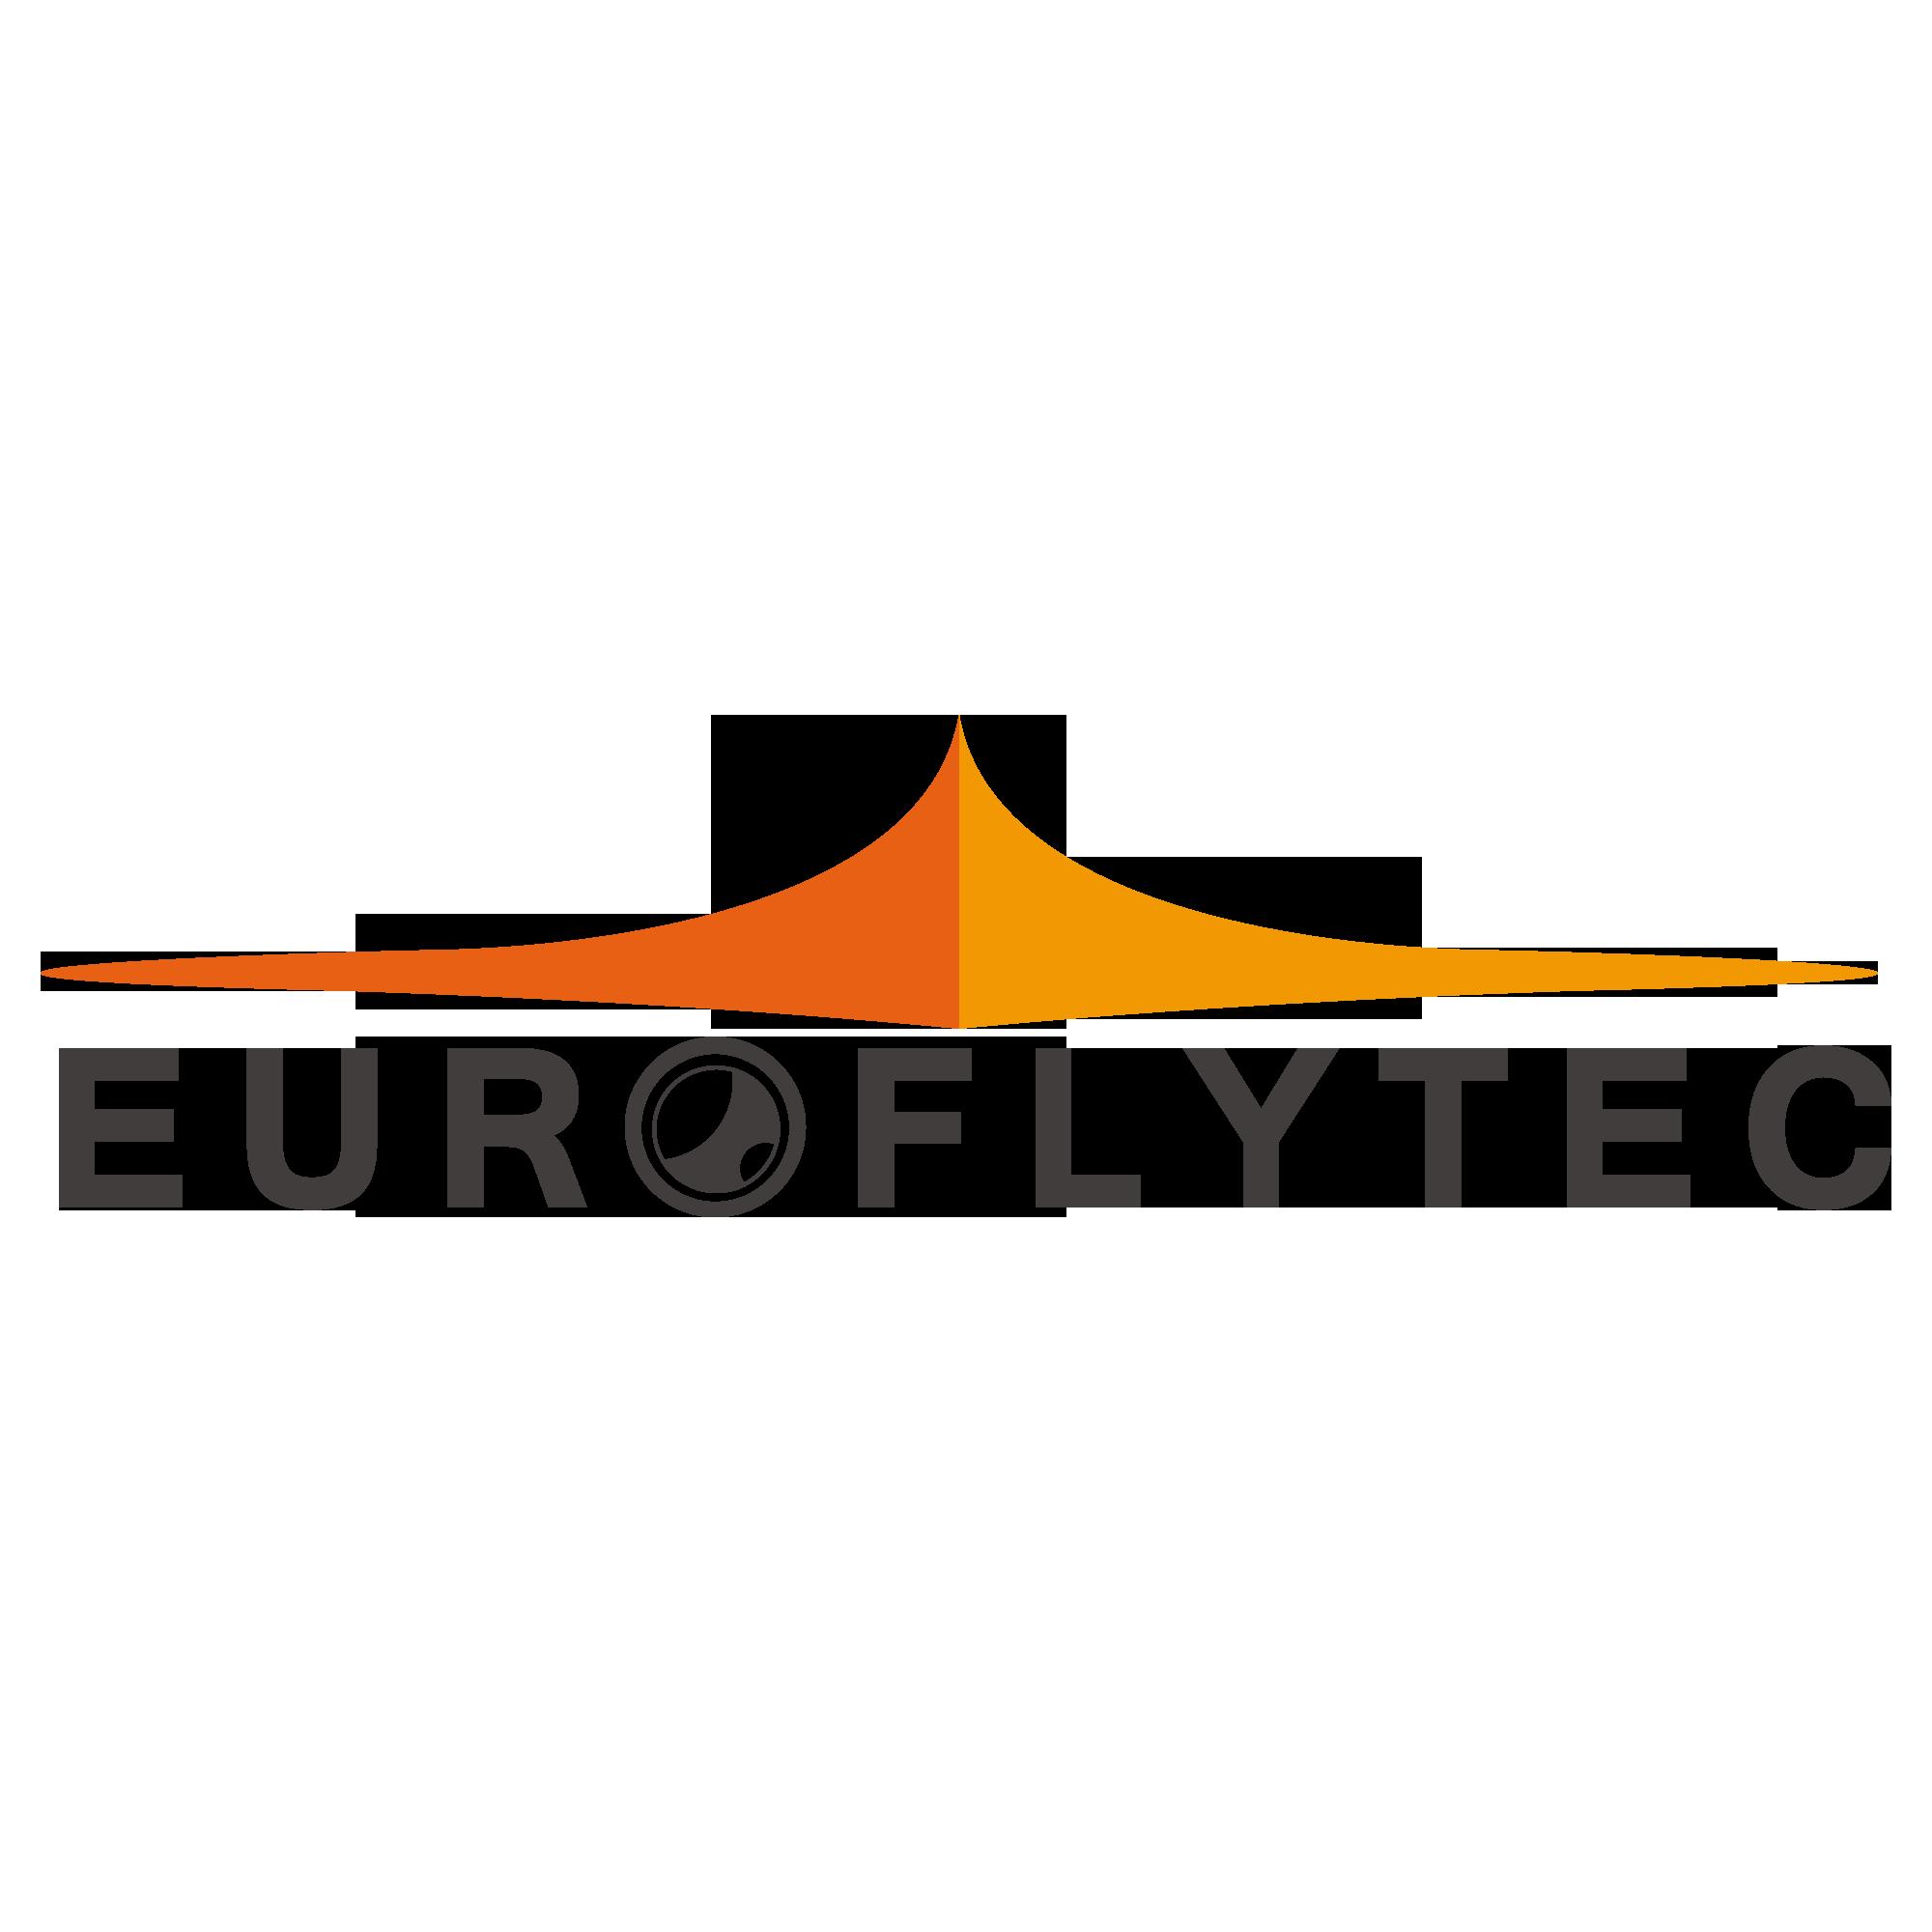 euroflytec